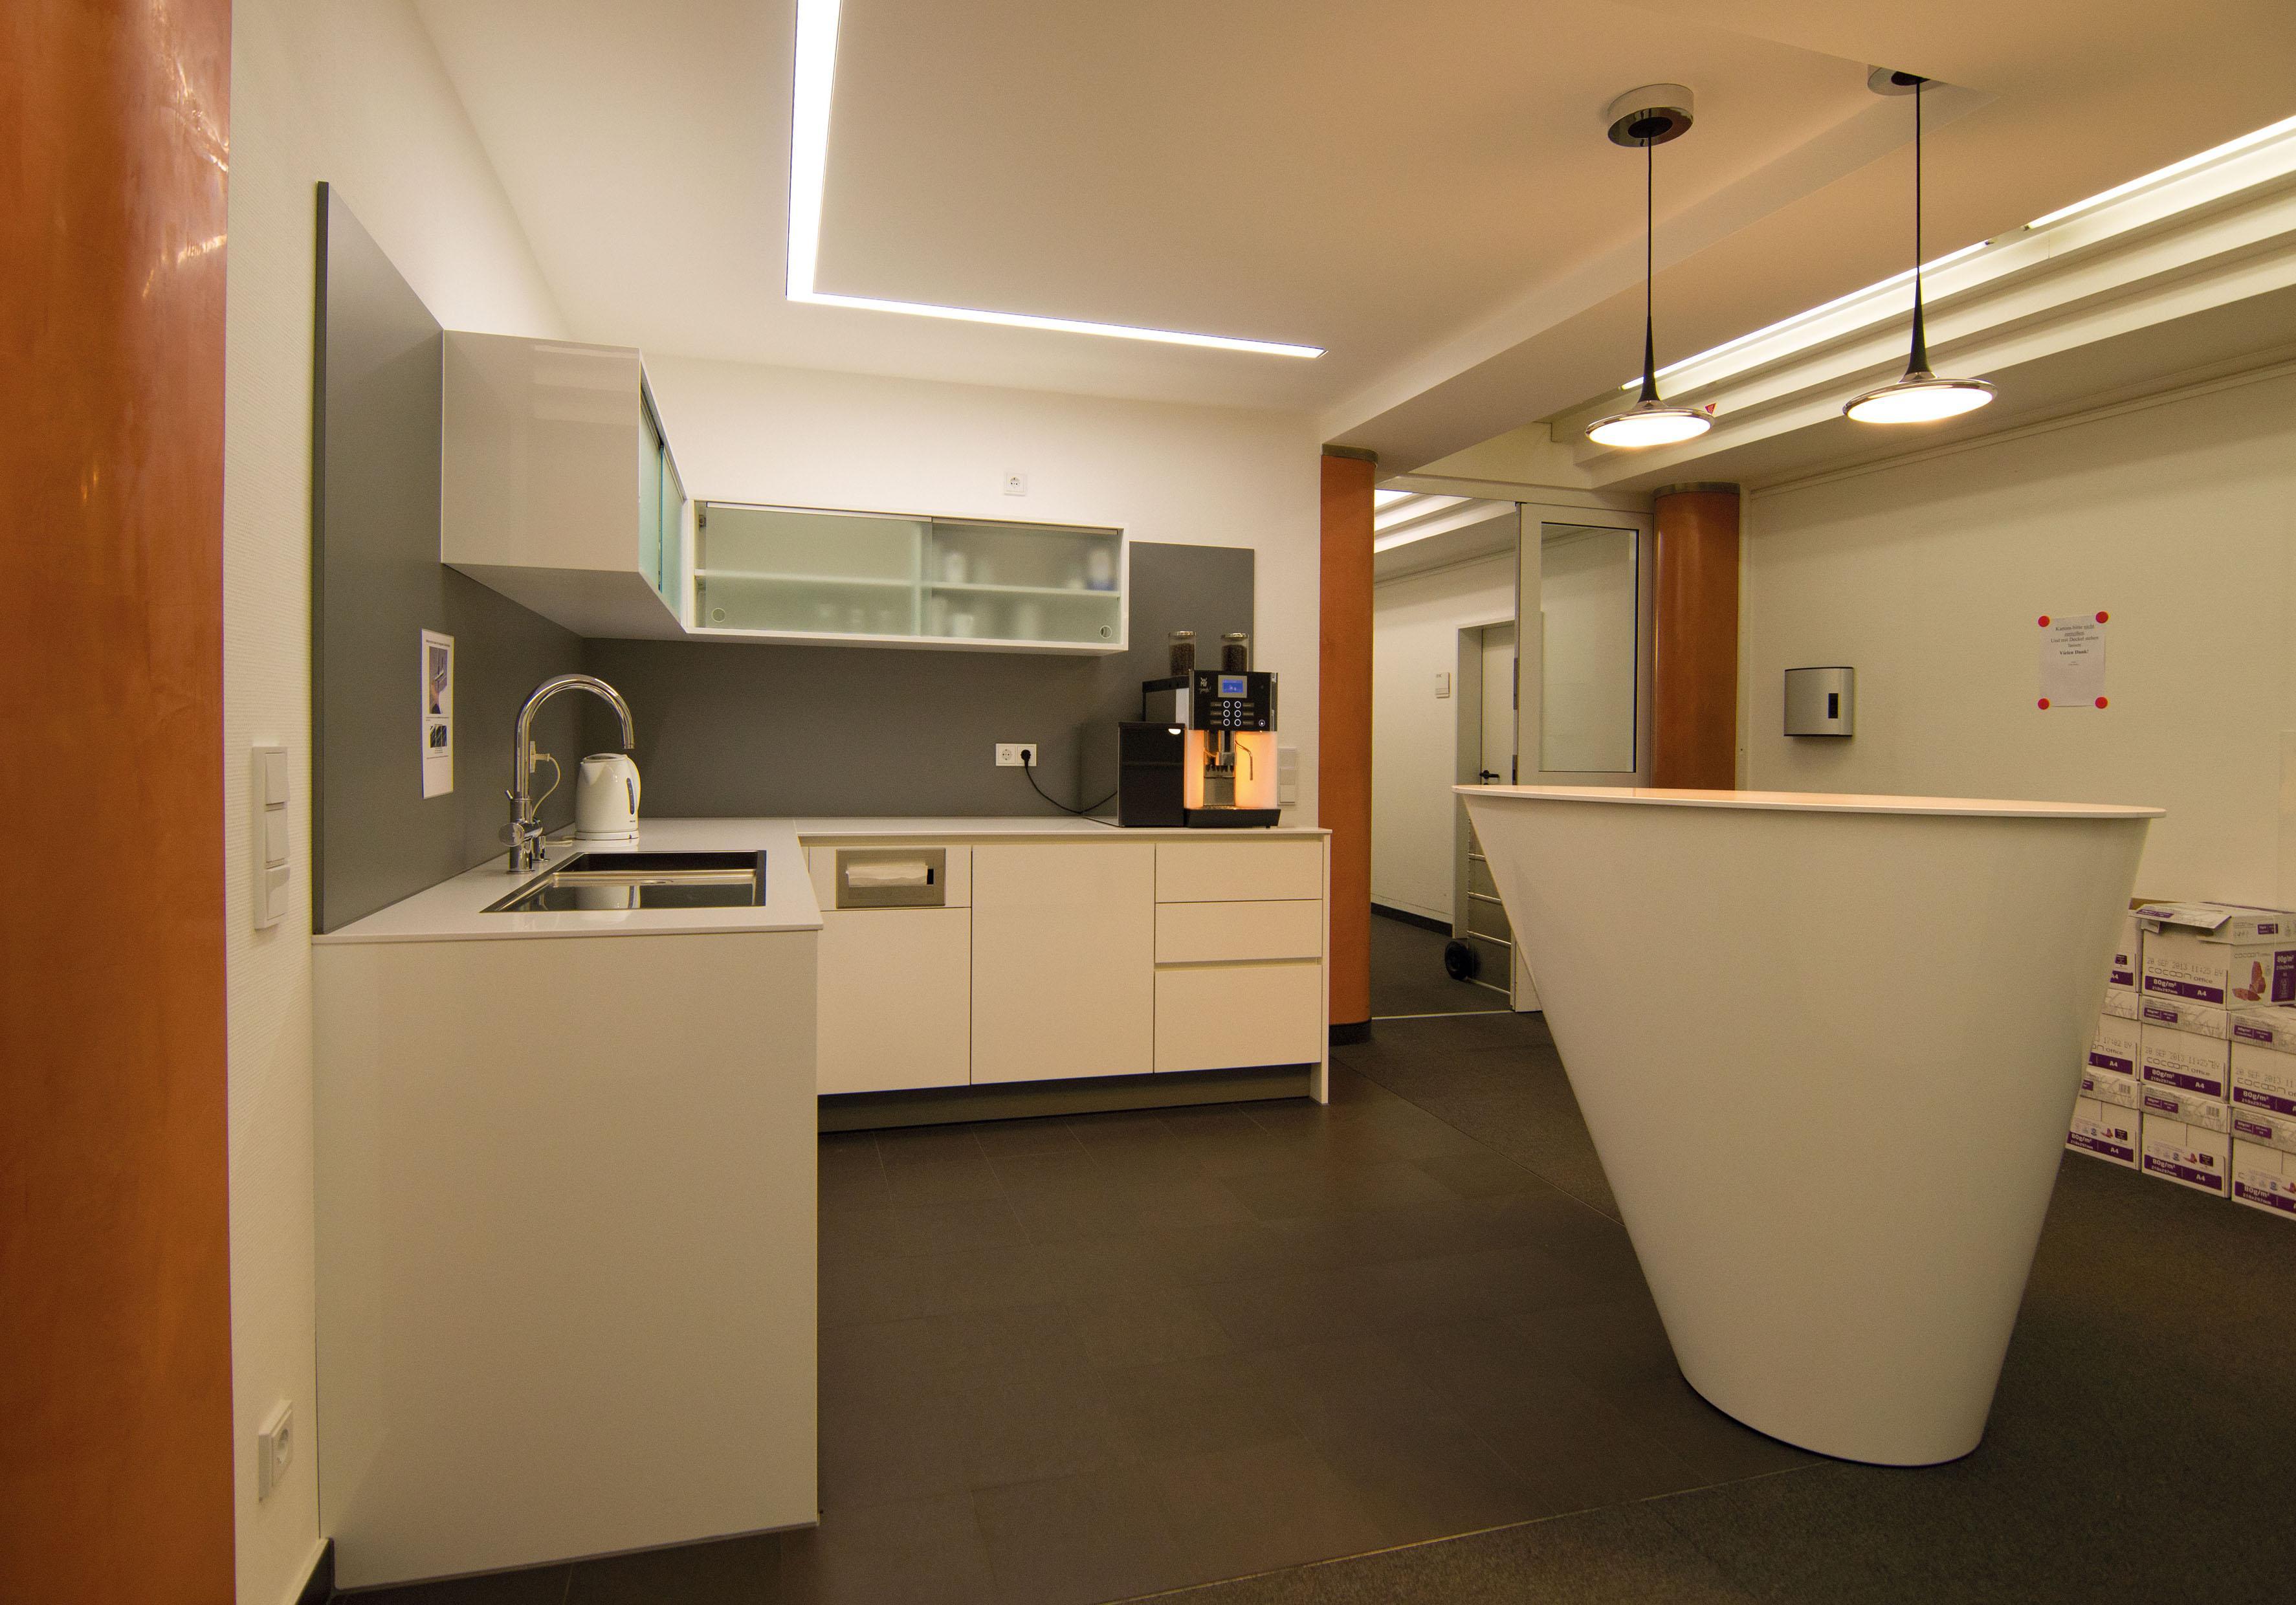 kfw neugestaltung von teek chen 39 espressobars 39 beyss architekten gmbh. Black Bedroom Furniture Sets. Home Design Ideas